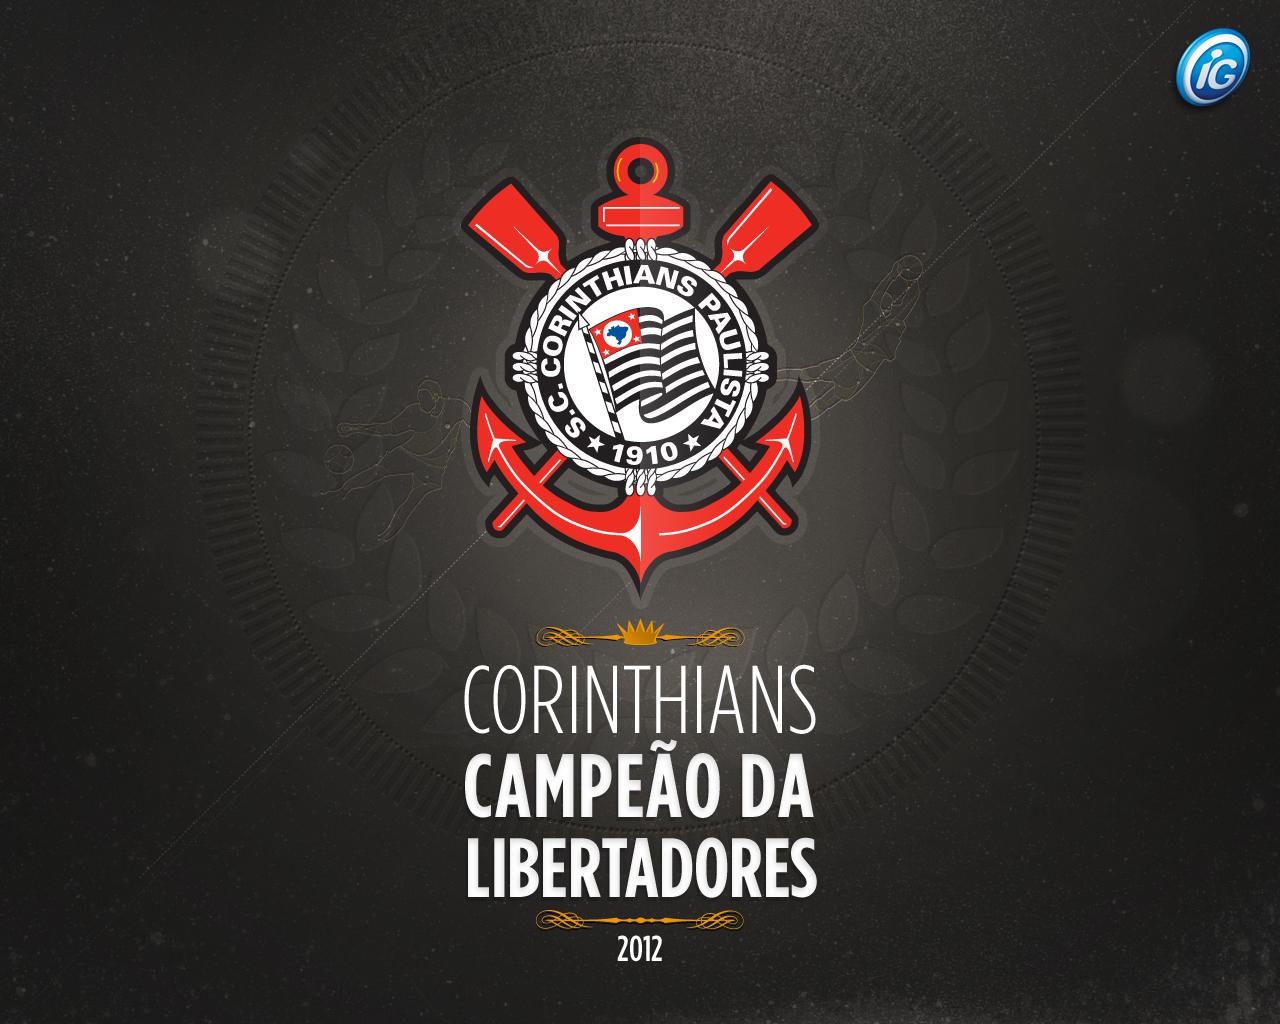 Wallpaper Corinthians Campeão da Libertadores 2012 - 09